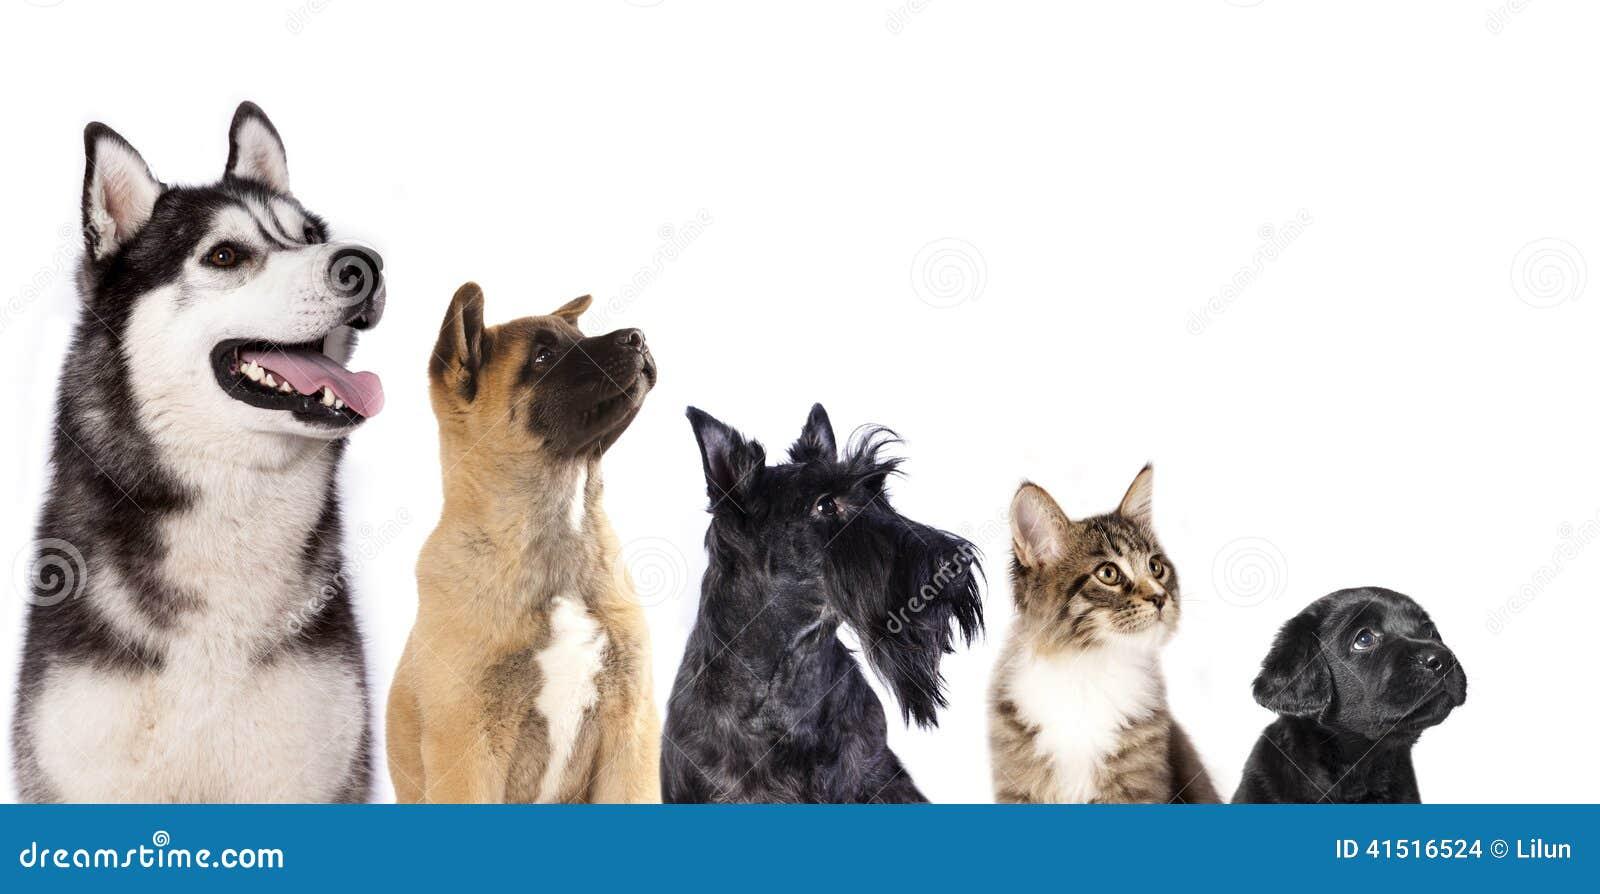 孕和狗干电影_download 小组狗和小猫 库存照片.